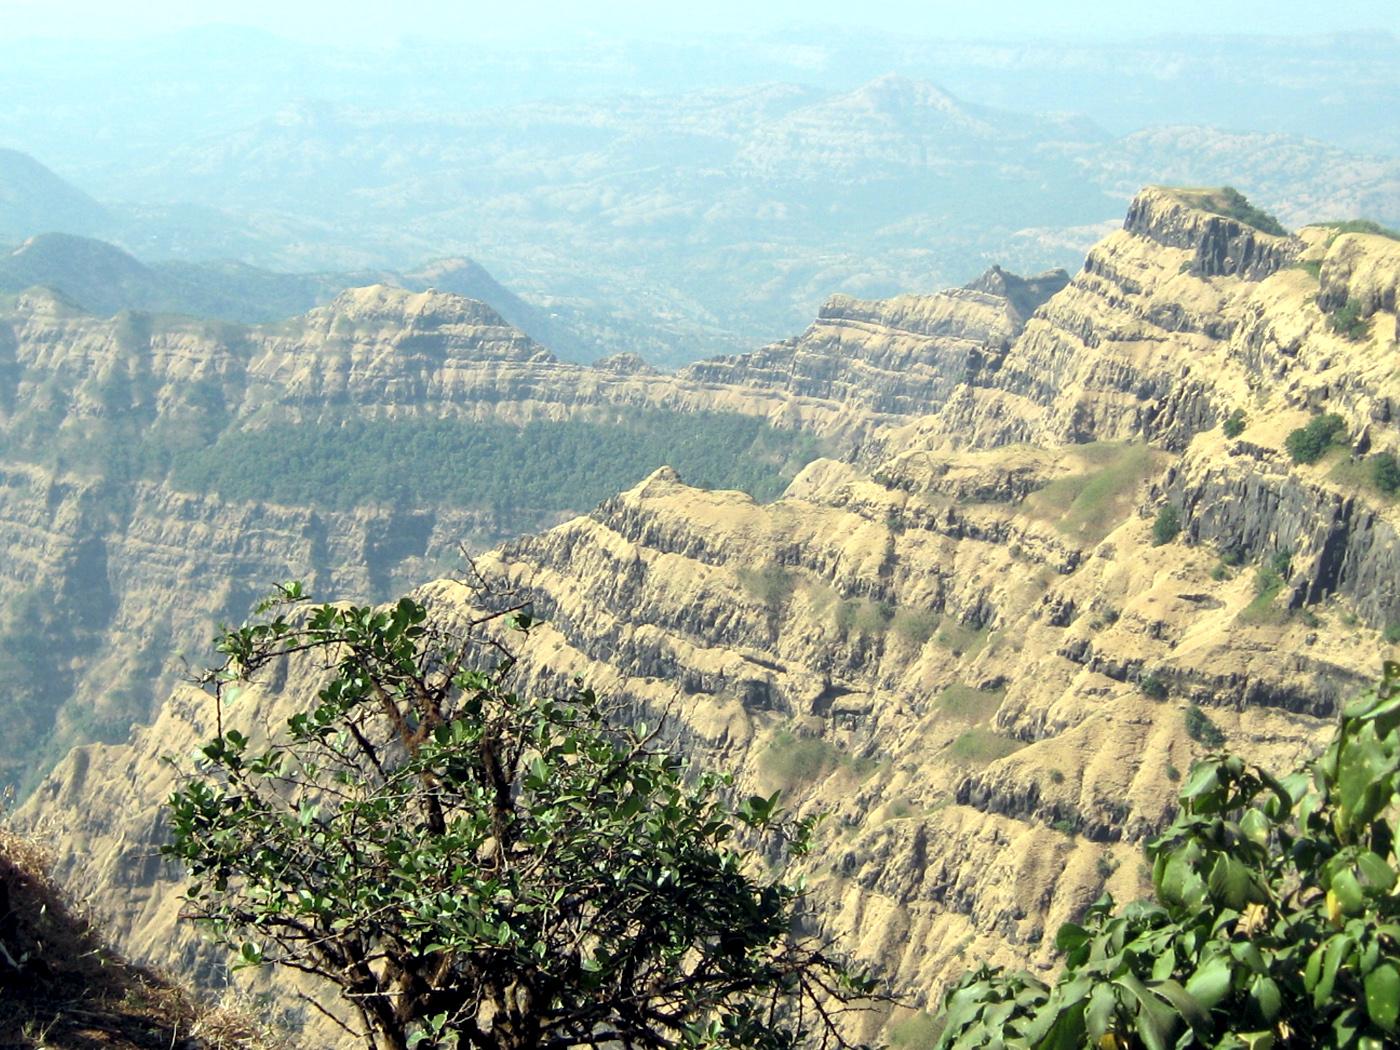 Mountain in Maharashtra, India, India, Landscape, Mountains, Peaks, HQ Photo